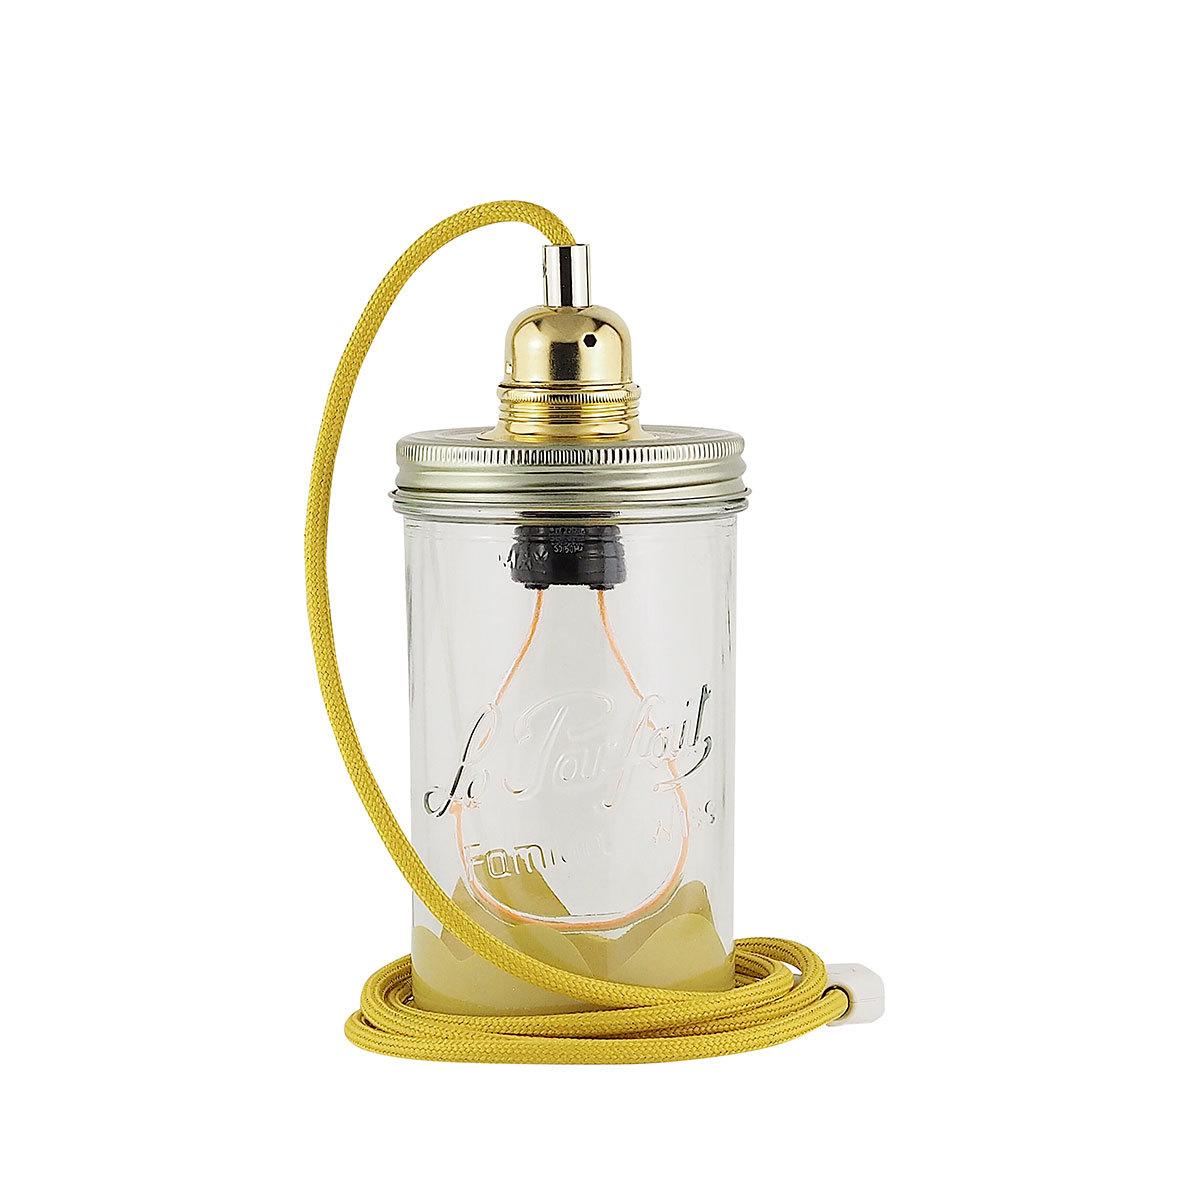 Lampe à poser Lampe Gaspard - Ampoule Audacieuse Lampe Gaspard - Ampoule Audacieuse